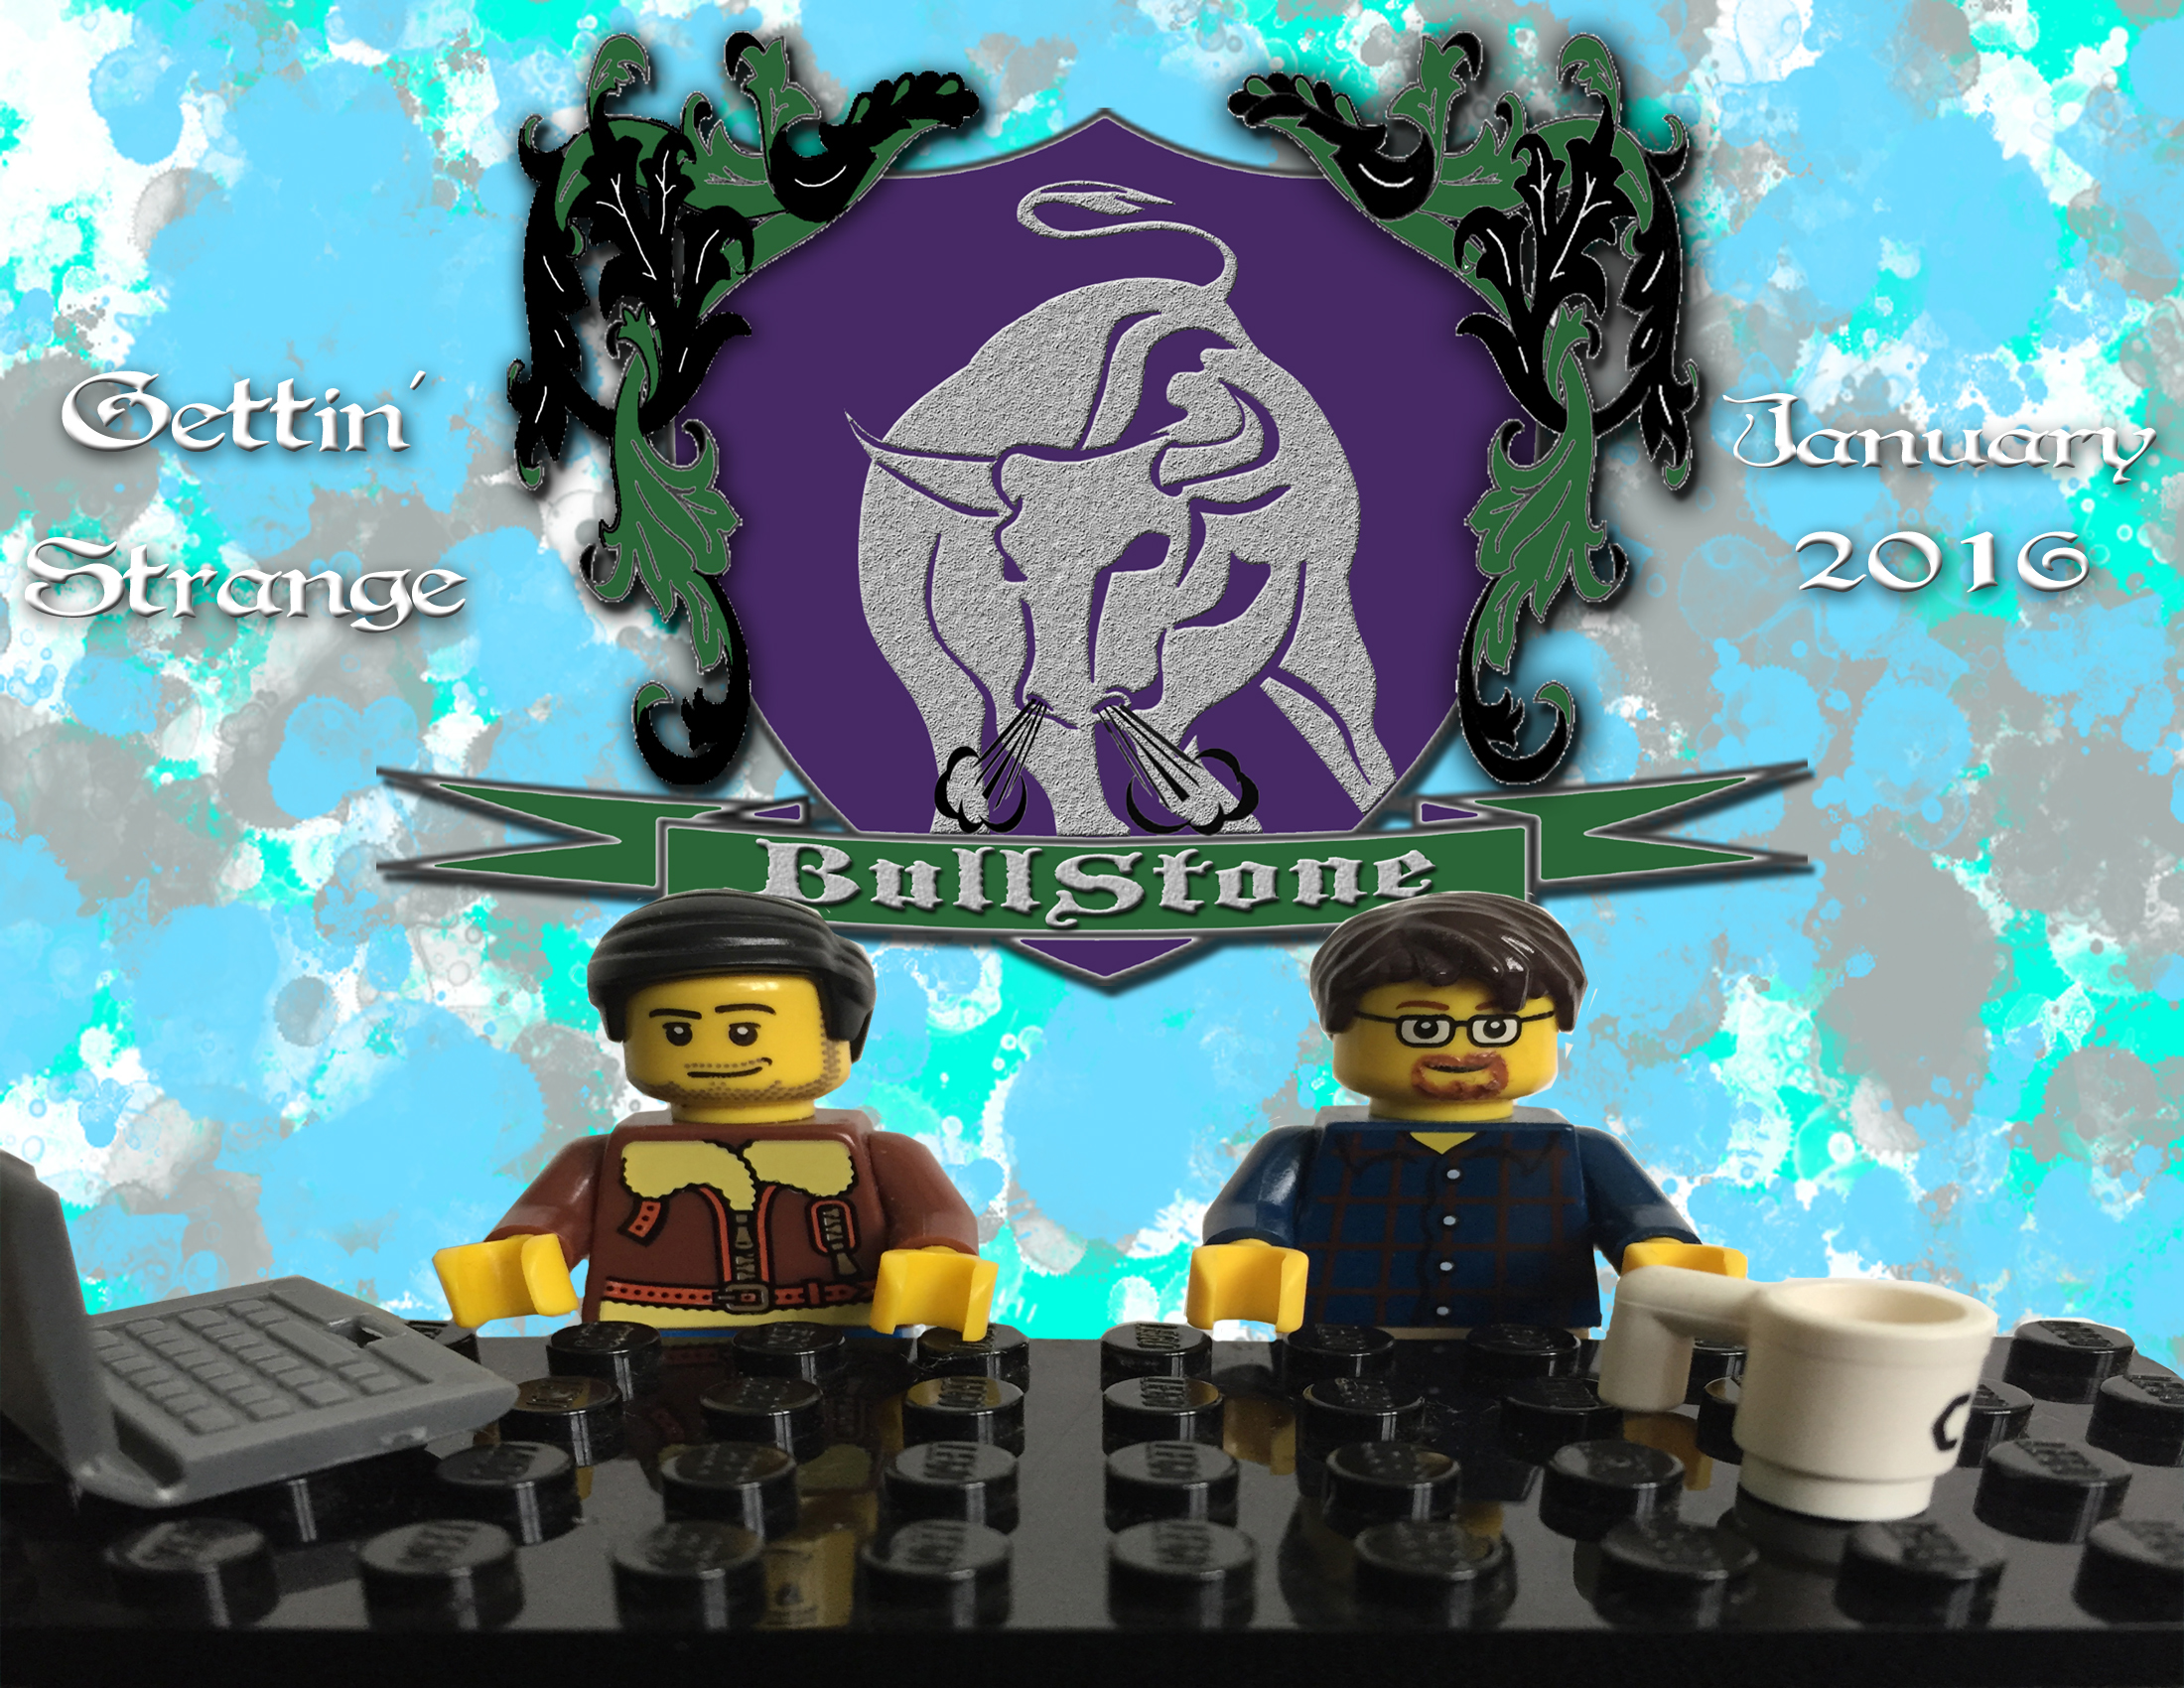 BullStone 13: Jay Gish, January 2016